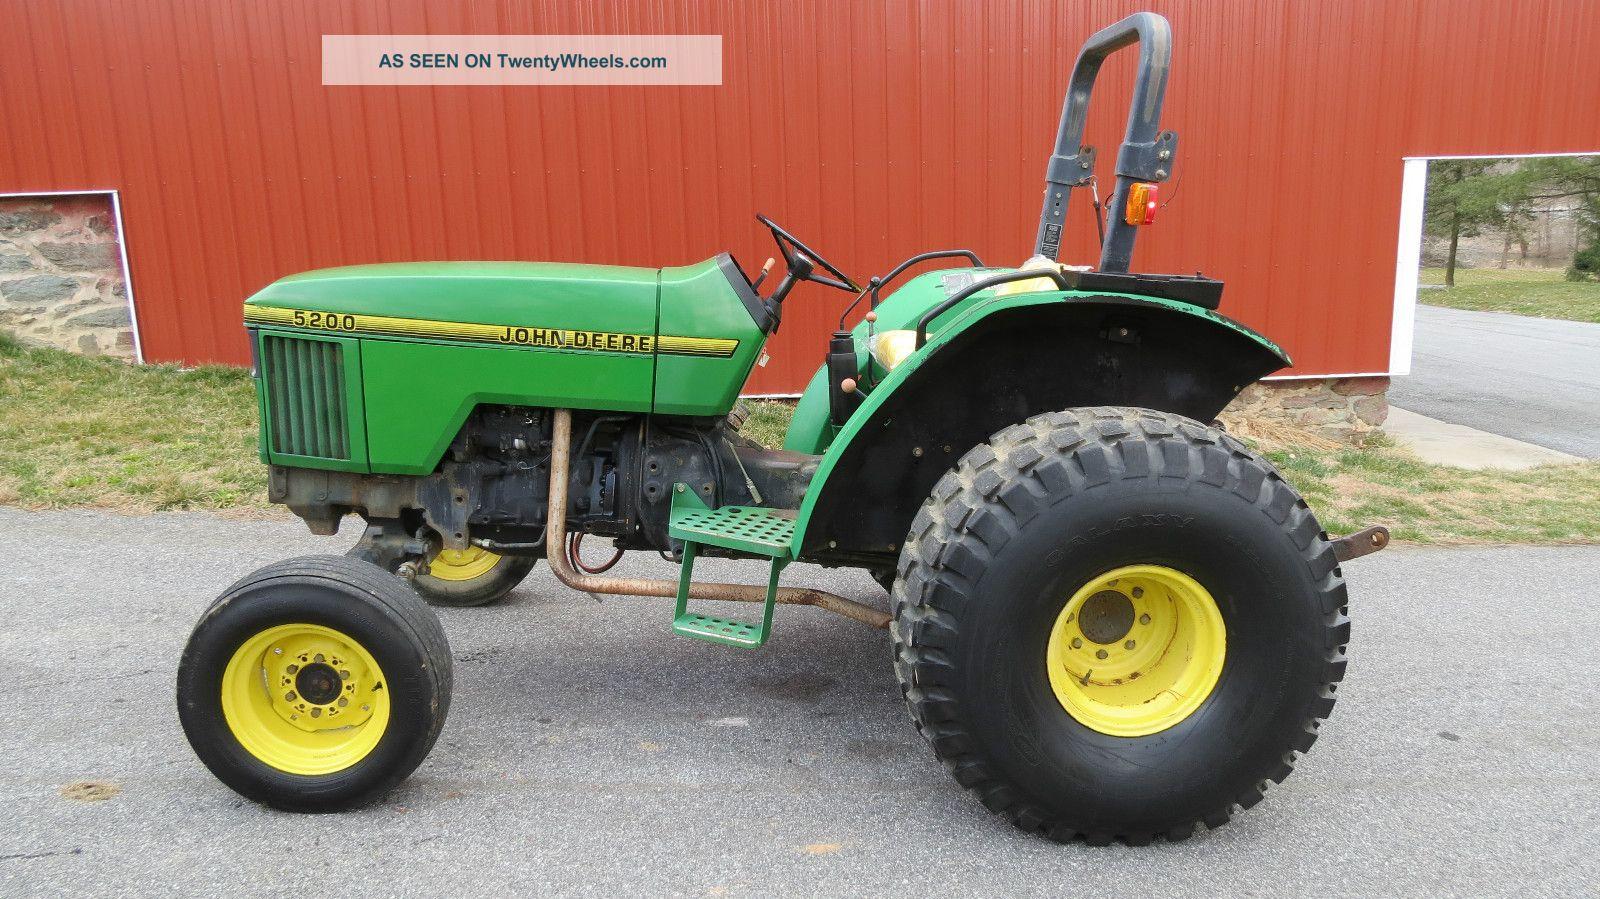 1995 John Deere 5200 Utility Tractor 46 Hp Diesel Dual .